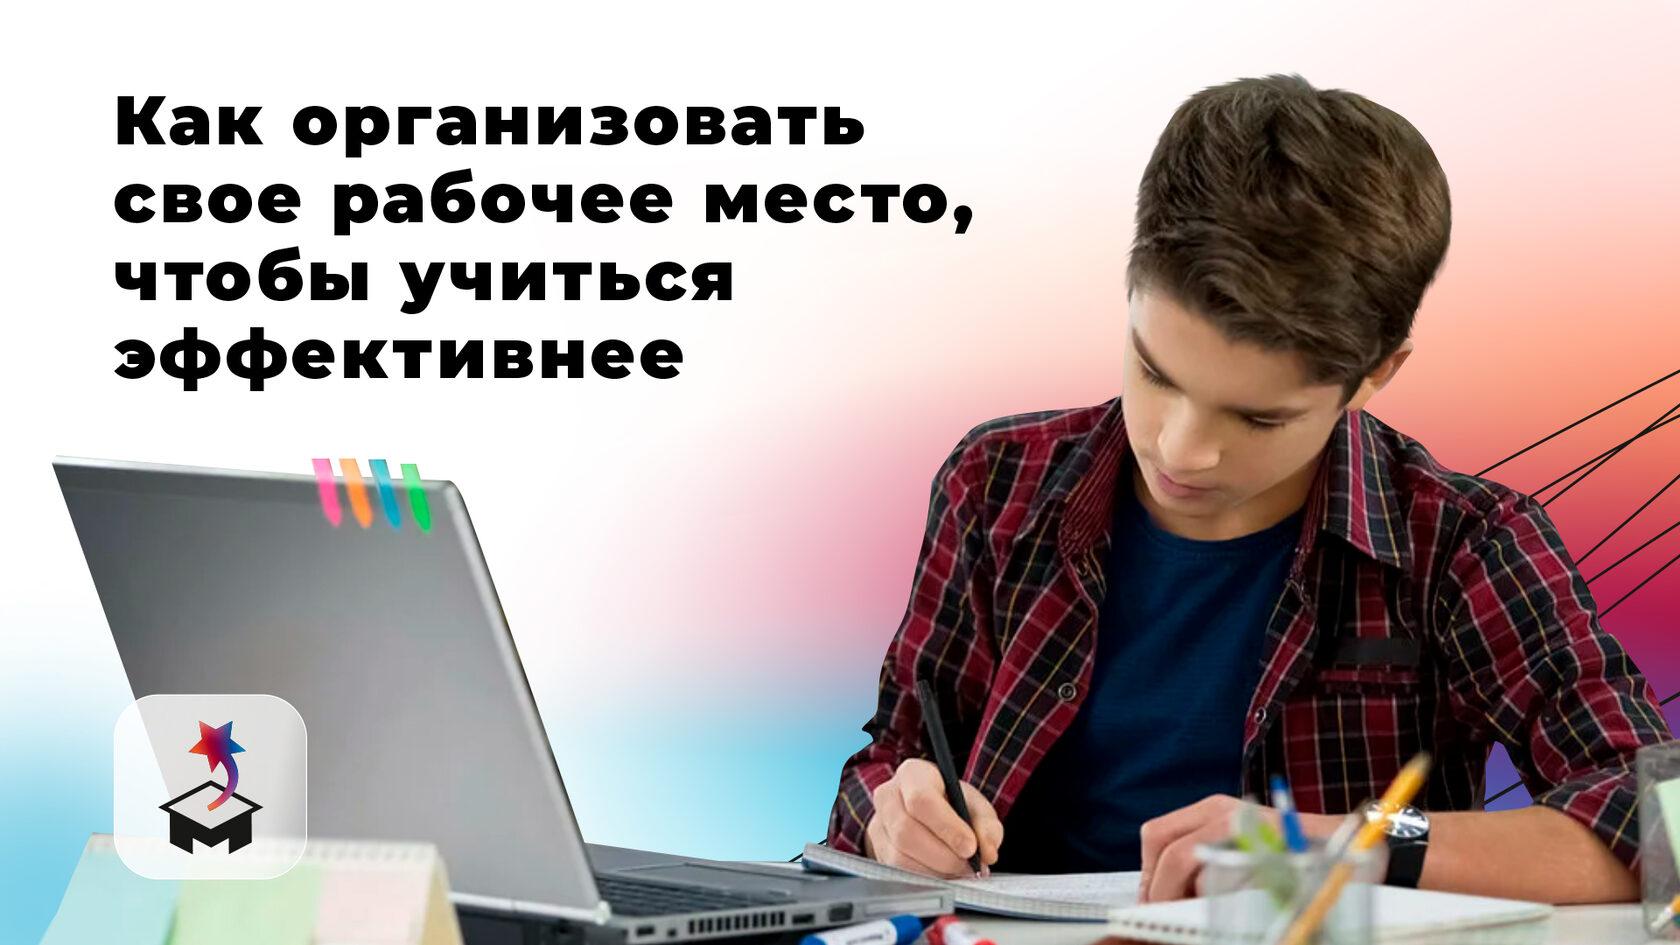 Юноша за учебой